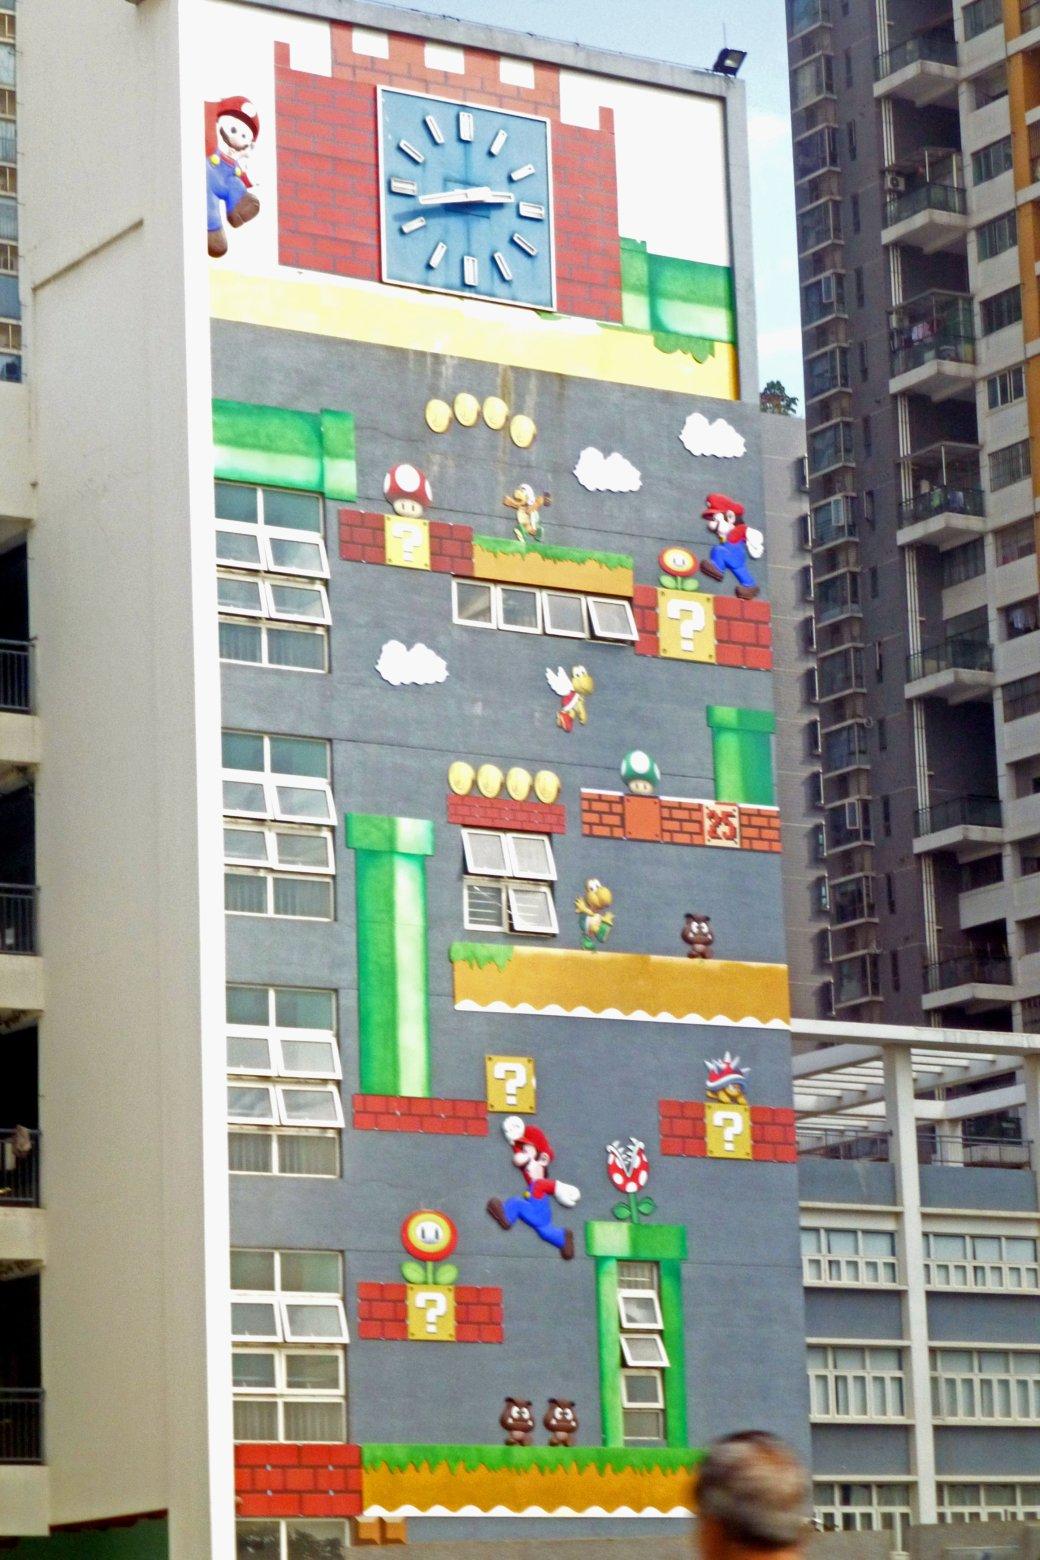 Стену китайской школы разукрасили в стиле Марио - Изображение 1